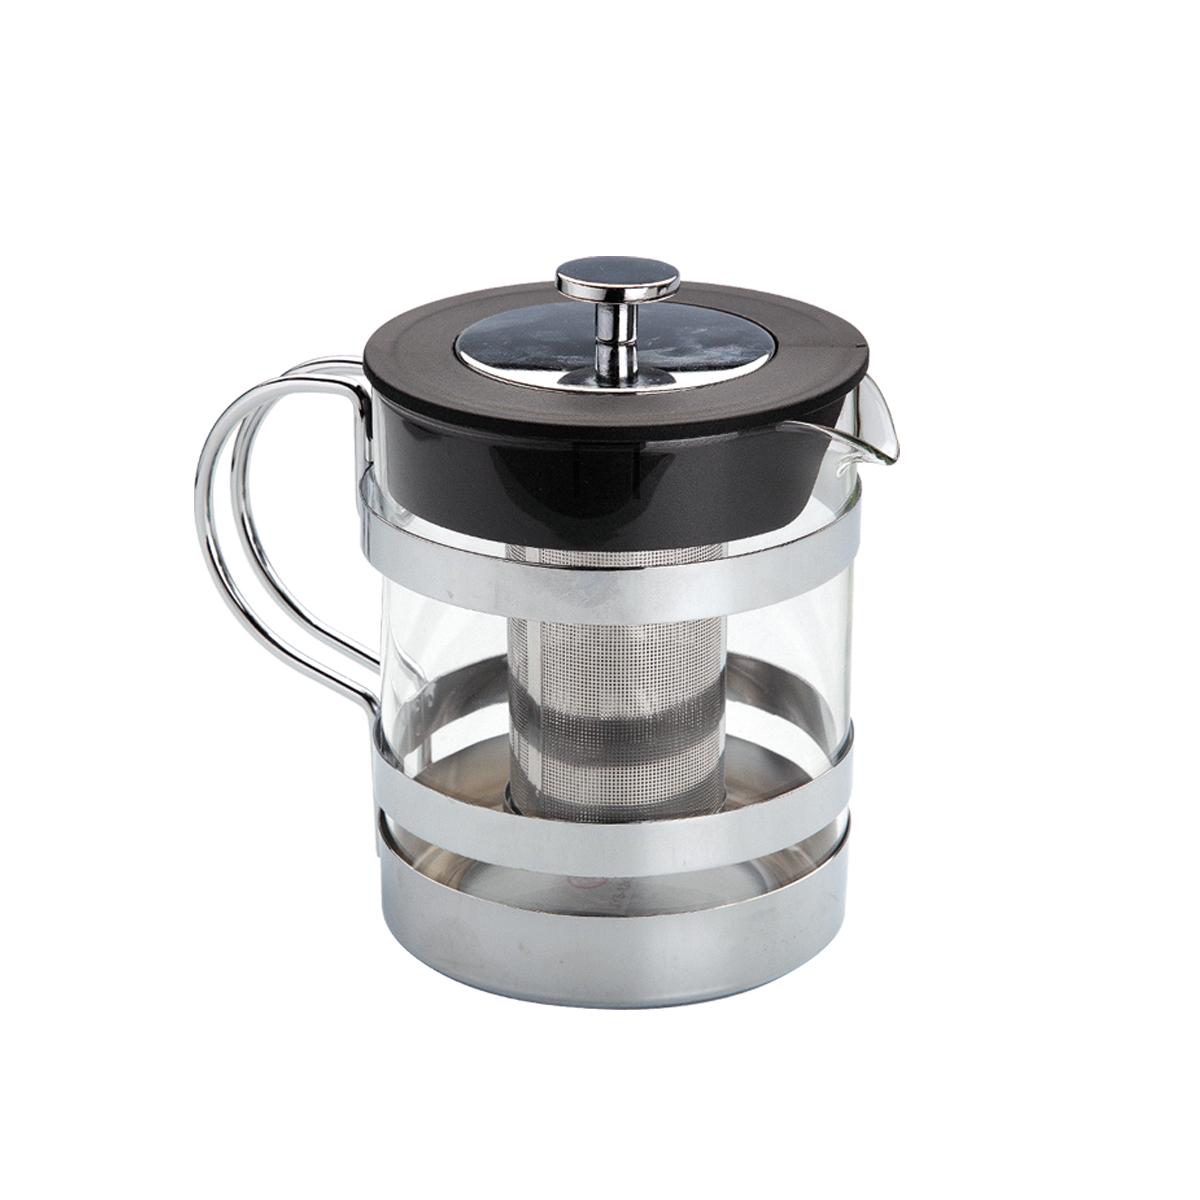 Чайник заварочный Augustin Welz, с фильтром, 1,2 лAW-2006Чайник заварочный Augustin Welz, изготовленный из закаленного стекла, предоставит вам все необходимые возможности для успешного заваривания чая. Чай в таком чайнике дольше остается горячим, а полезные и ароматические вещества полностью сохраняются в напитке. Чайник оснащен фильтром и крышкой. Фильтр выполнен из нержавеющей стали. Простой и удобный чайник поможет вам приготовить крепкий, ароматный чай. Рекомендуется ручная чистка в мыльной воде. Диаметр чайника (по верхнему краю): 11,5 см. Высота чайника (без учета крышки): 14,5 см. Высота фильтра: 9 см.